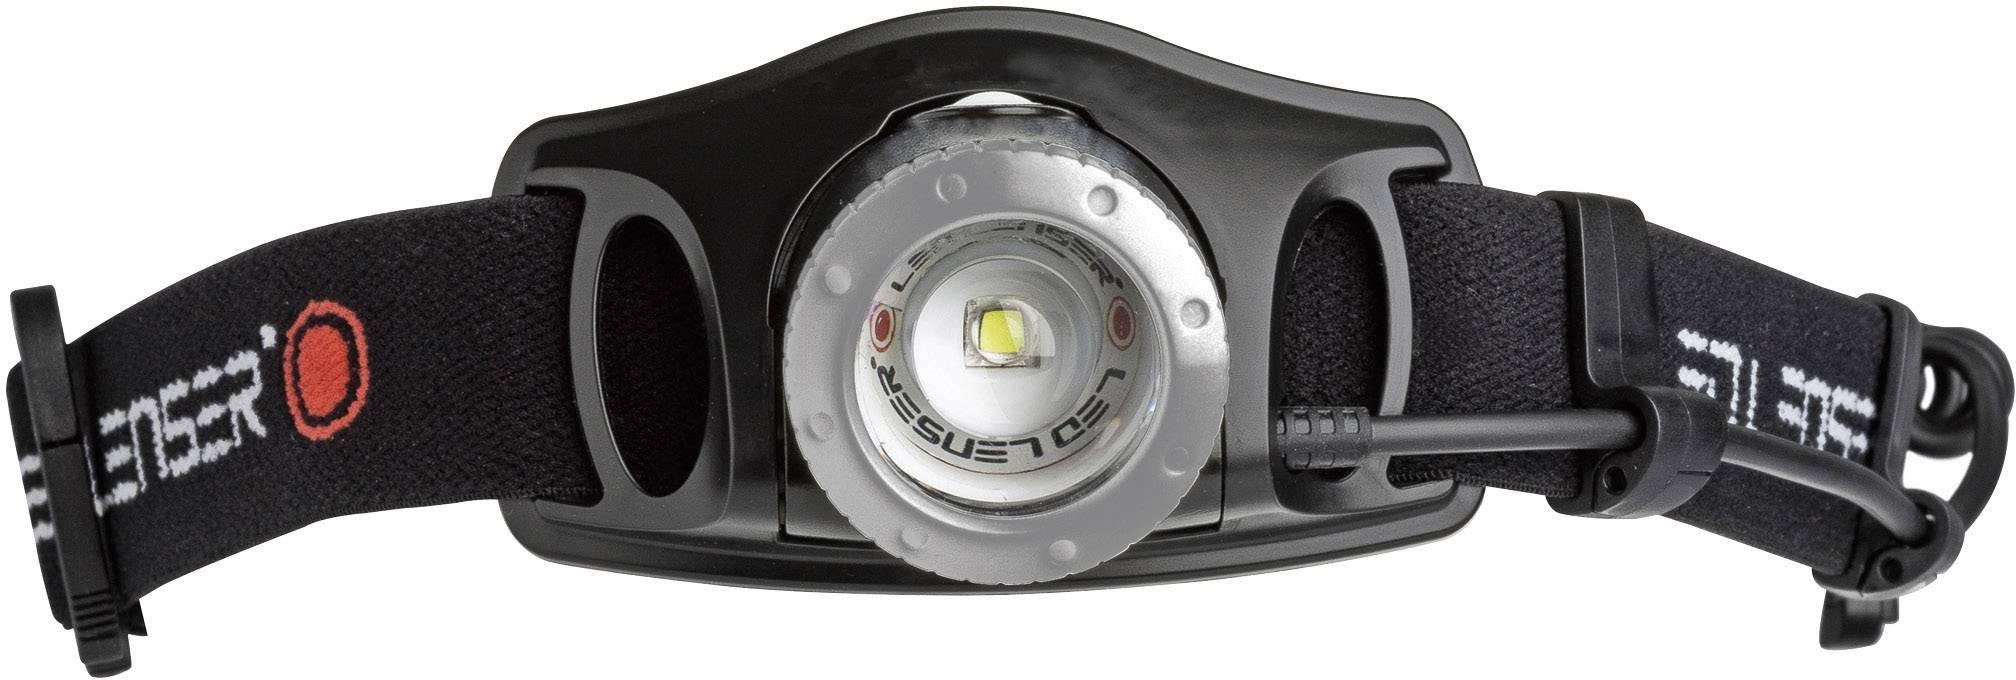 Čelovka LED Lenser H7R.2